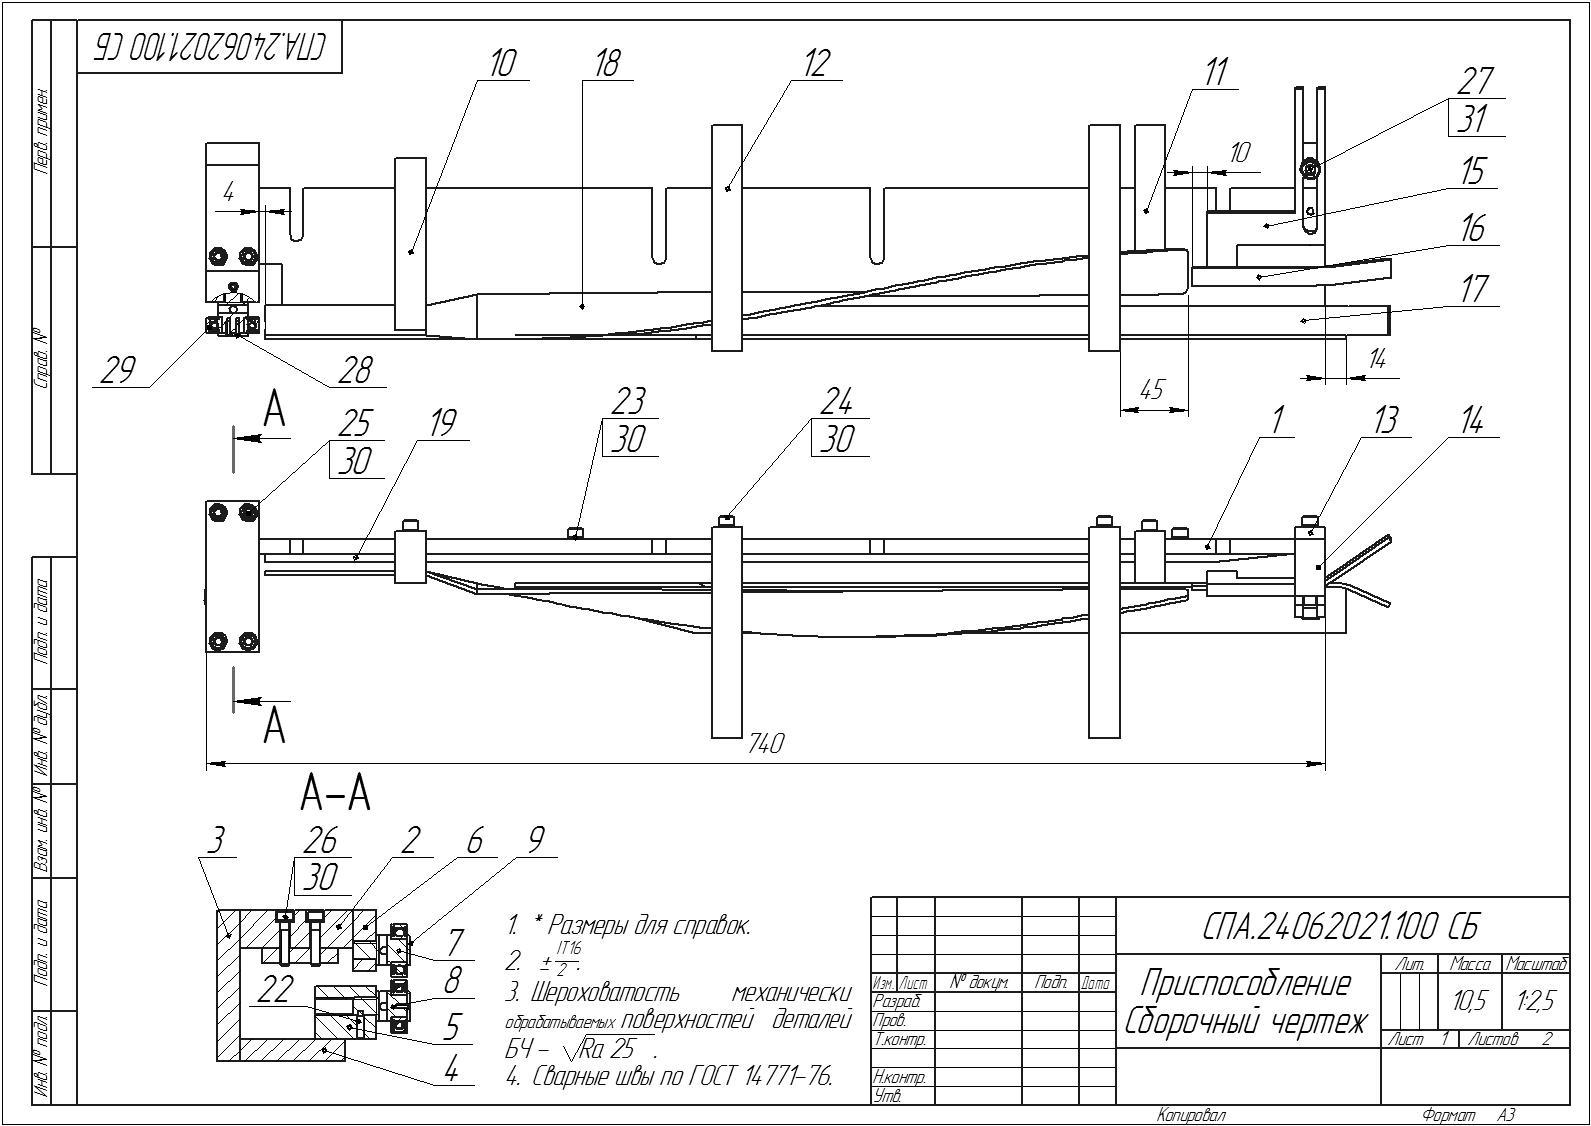 СПА.24062021.100 СБ - Приспособление Сборочный чертеж(1).jpg